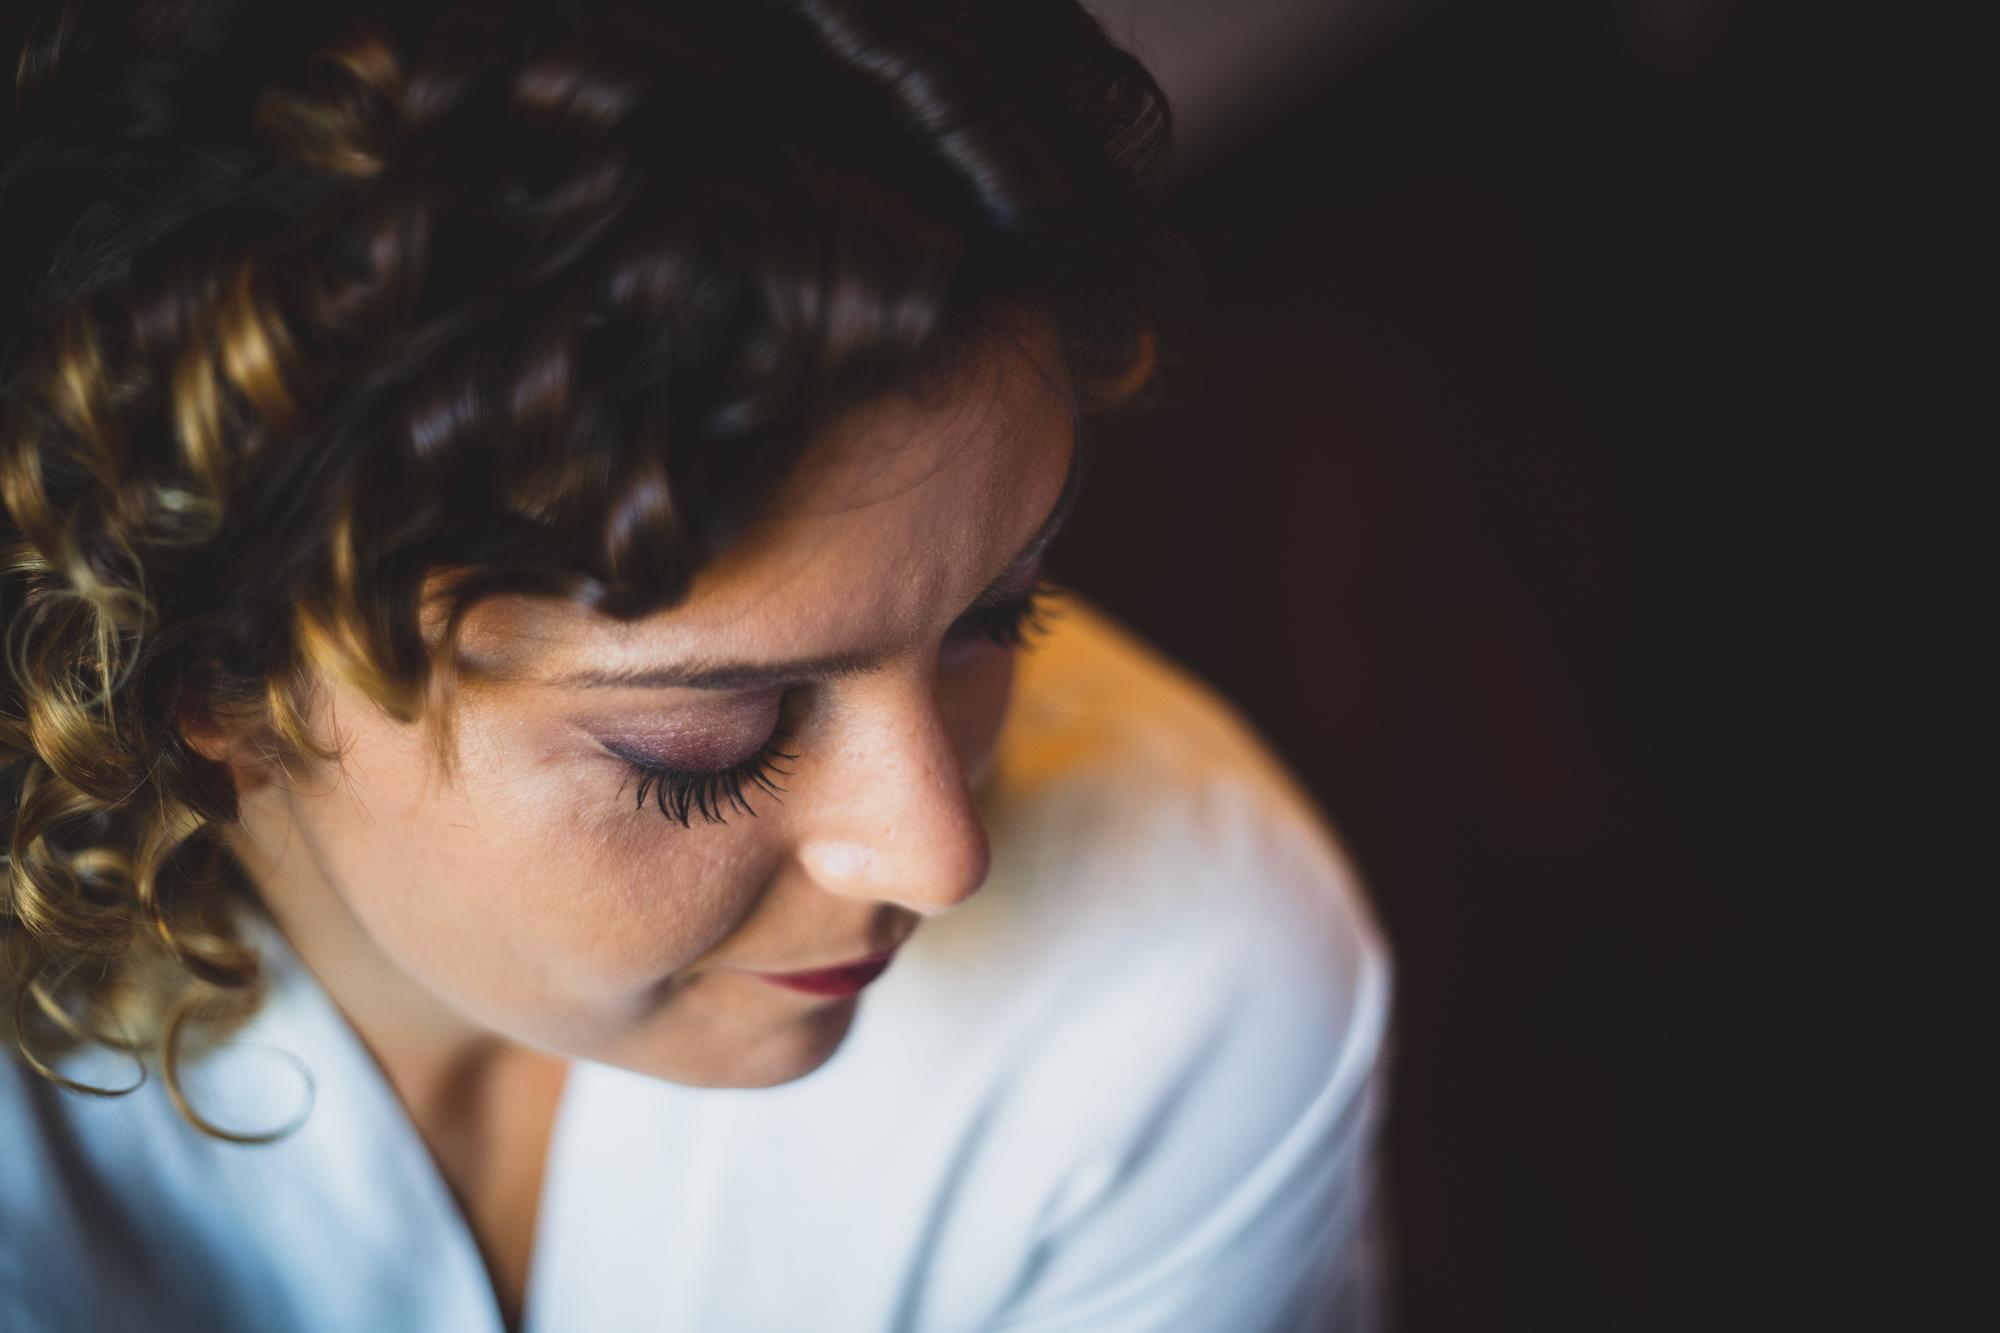 fotografo matrimonio Brescia Helenia e Lorenzo reportage di matrimonio-10